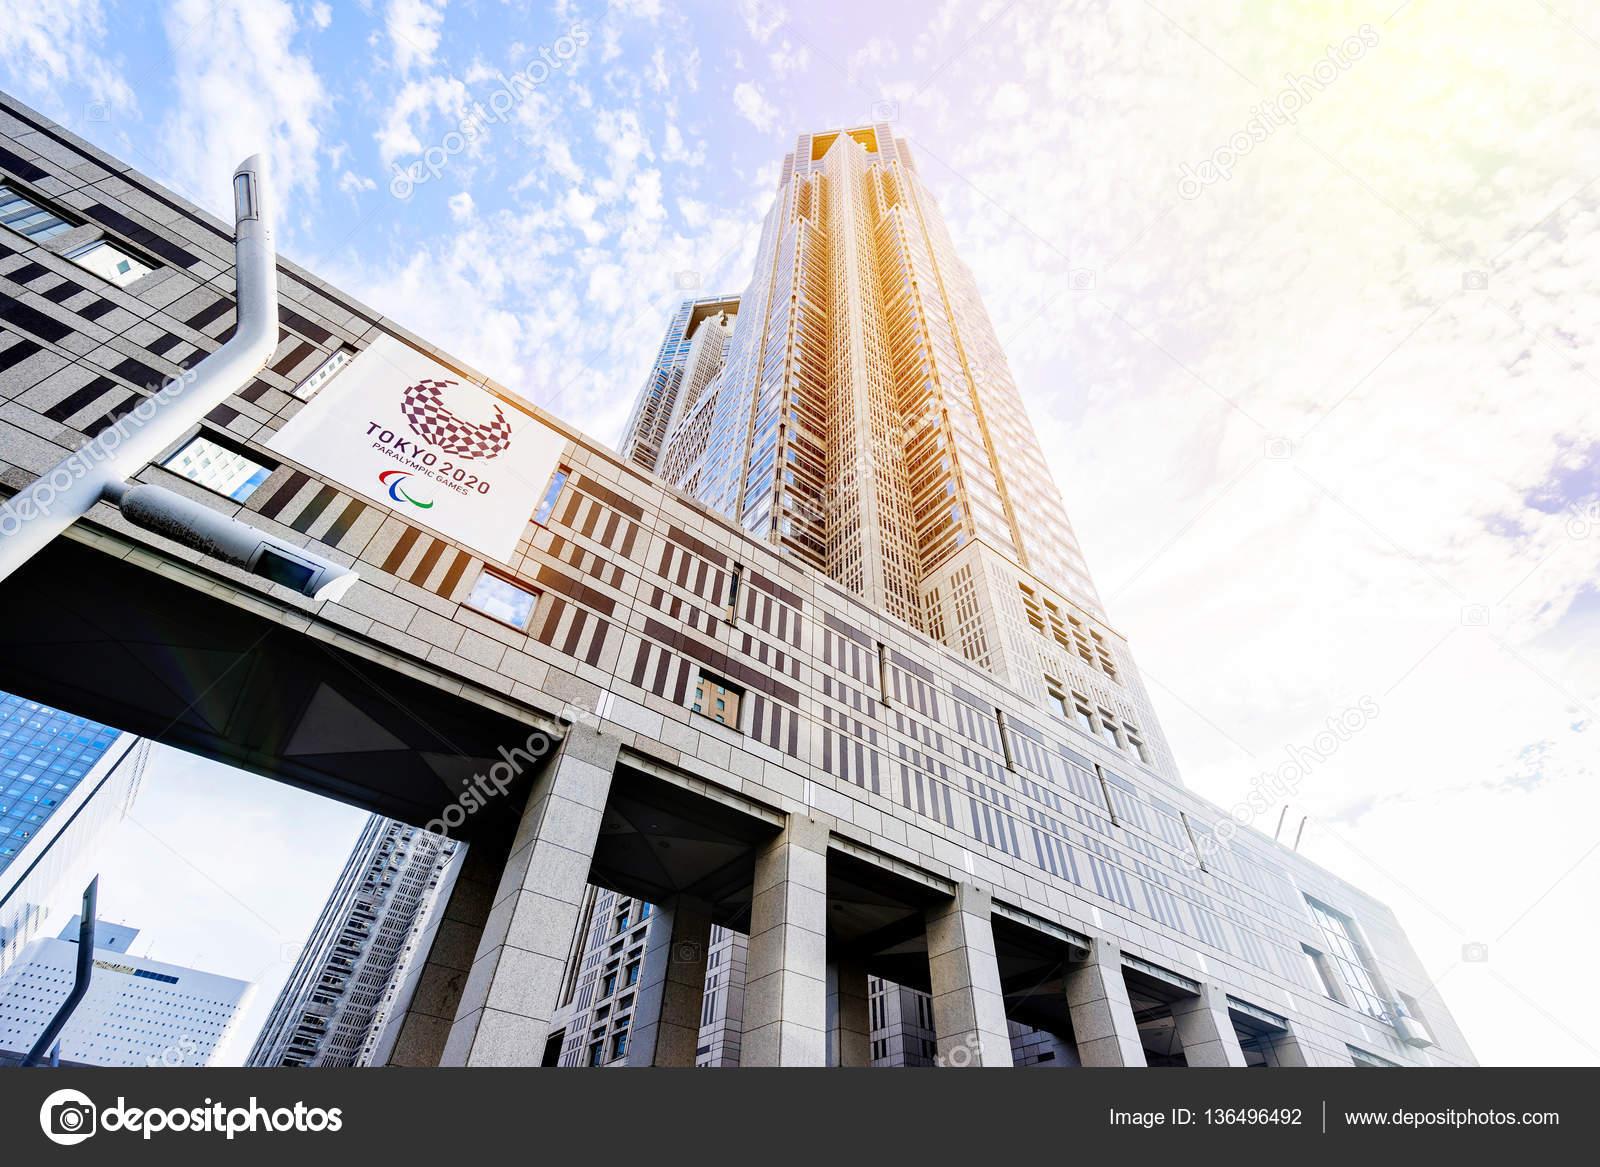 la vista del edificio del gobierno de tokio con el logotipo de los juegos paralmpicos de tokio rascacielos reflejan dramticas